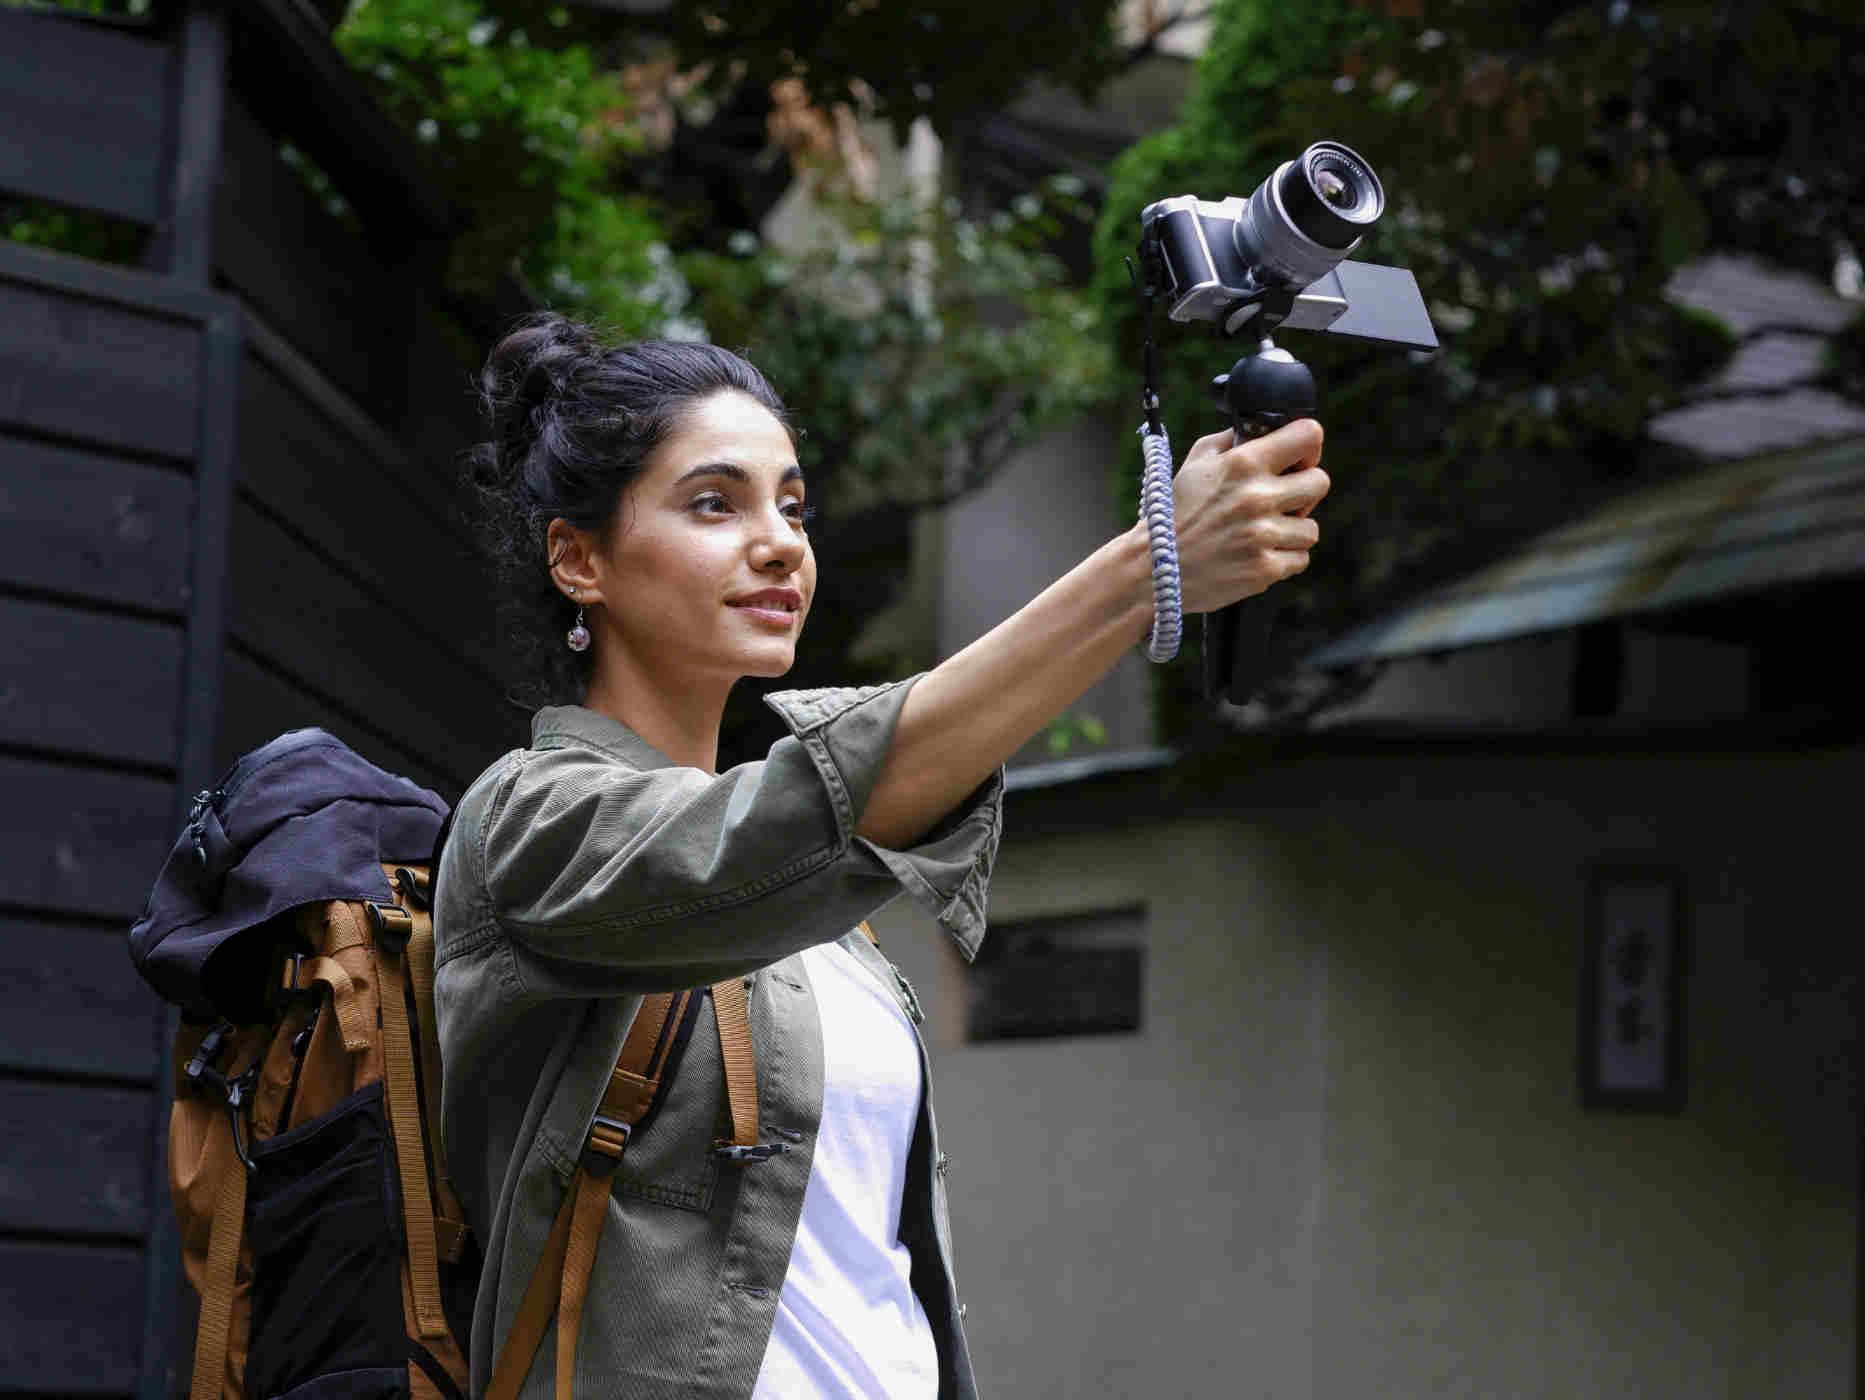 FUJIFILM X-A7: Smartcamera mirrorless che semplifica la fotografia